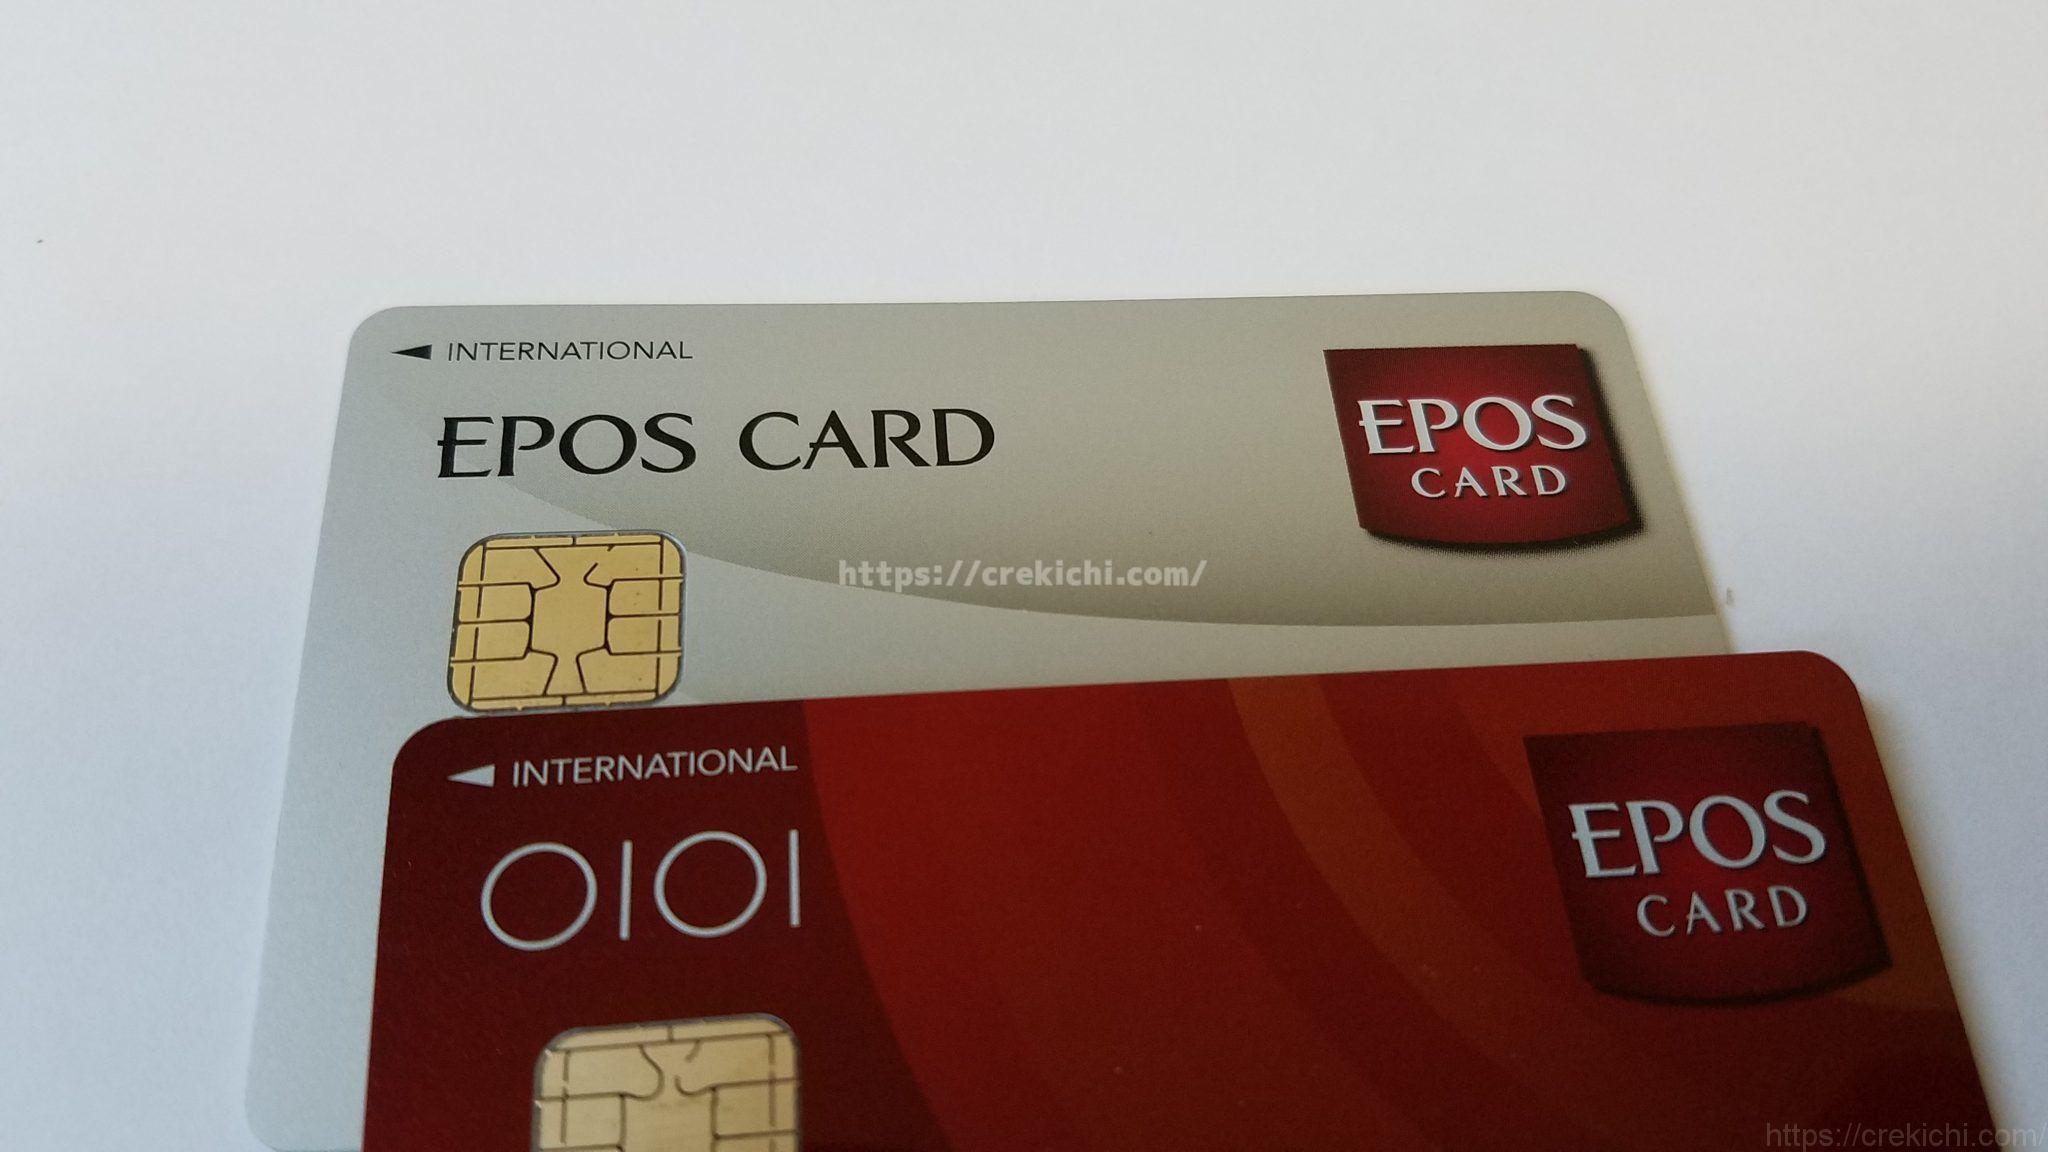 エポスカードは有効期限が近づくと郵送で新しいカードが届く